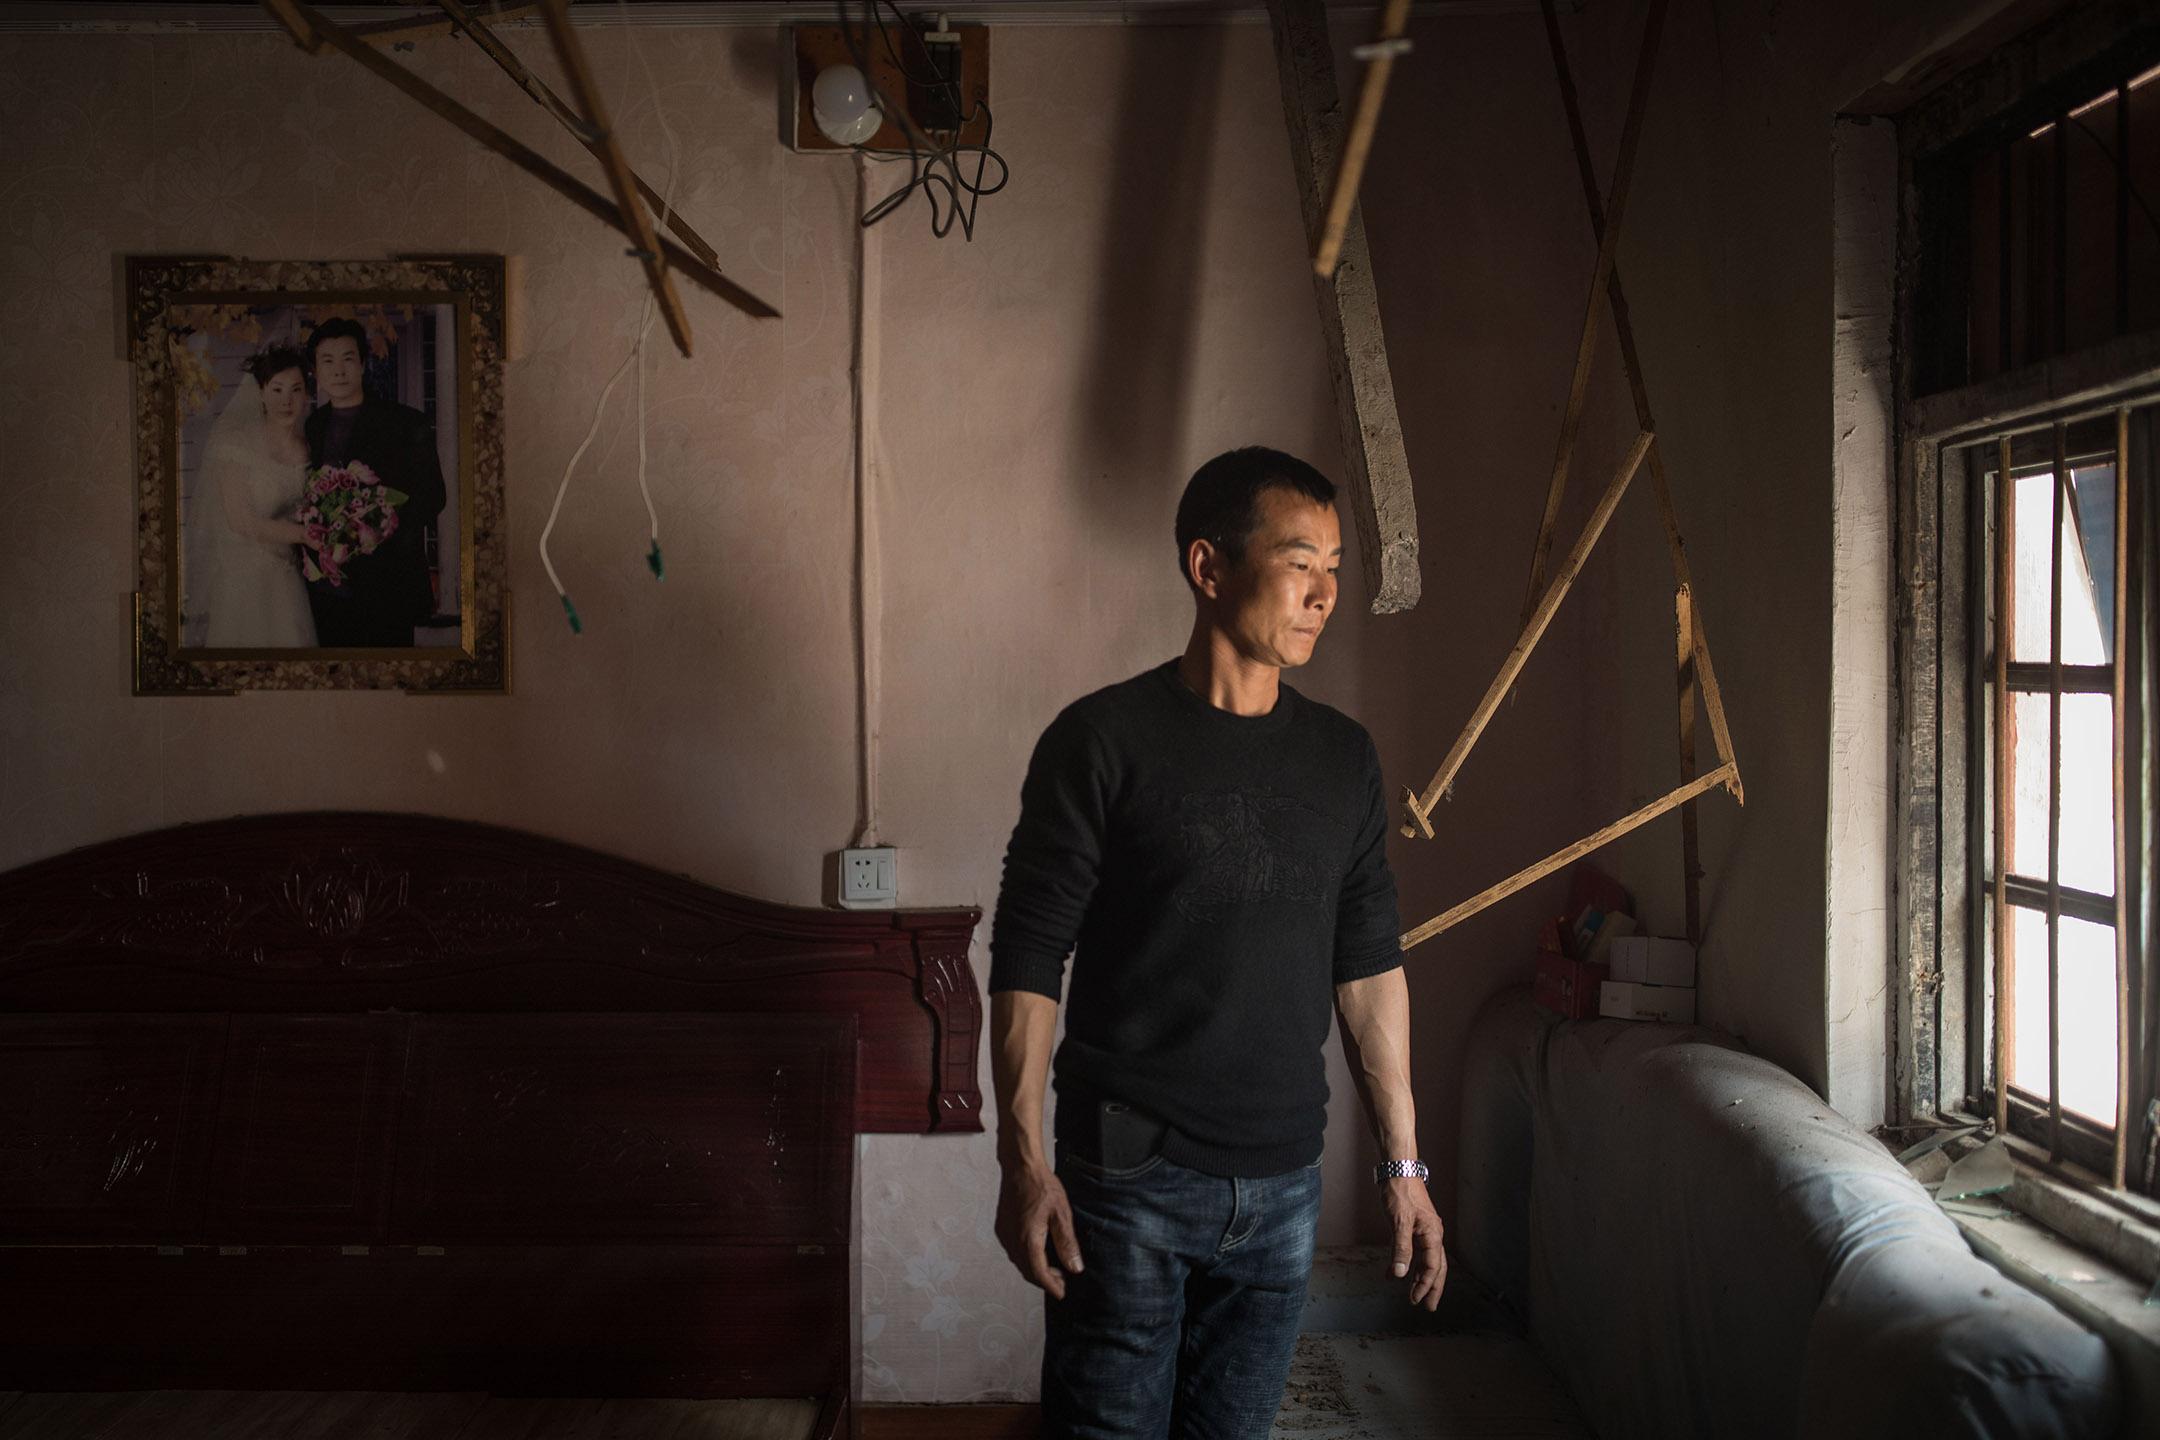 大灣村居民張明在他爆炸時受破壞的房間內。